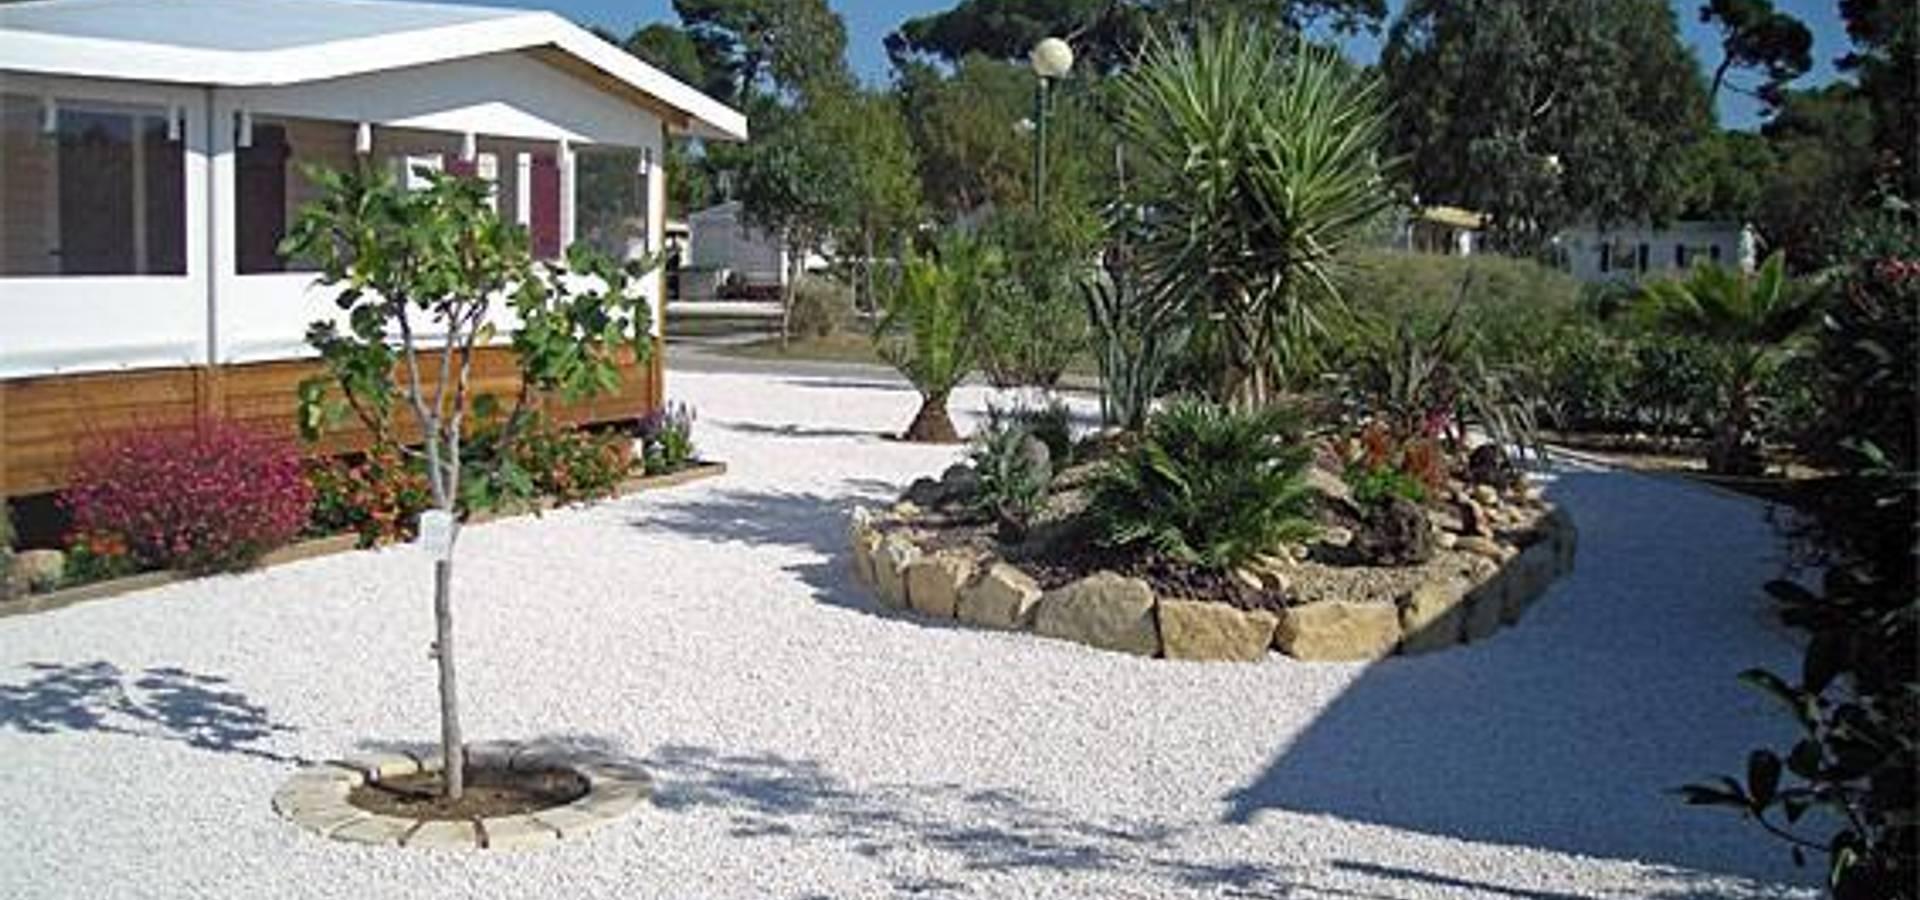 Les jardins de Laurent